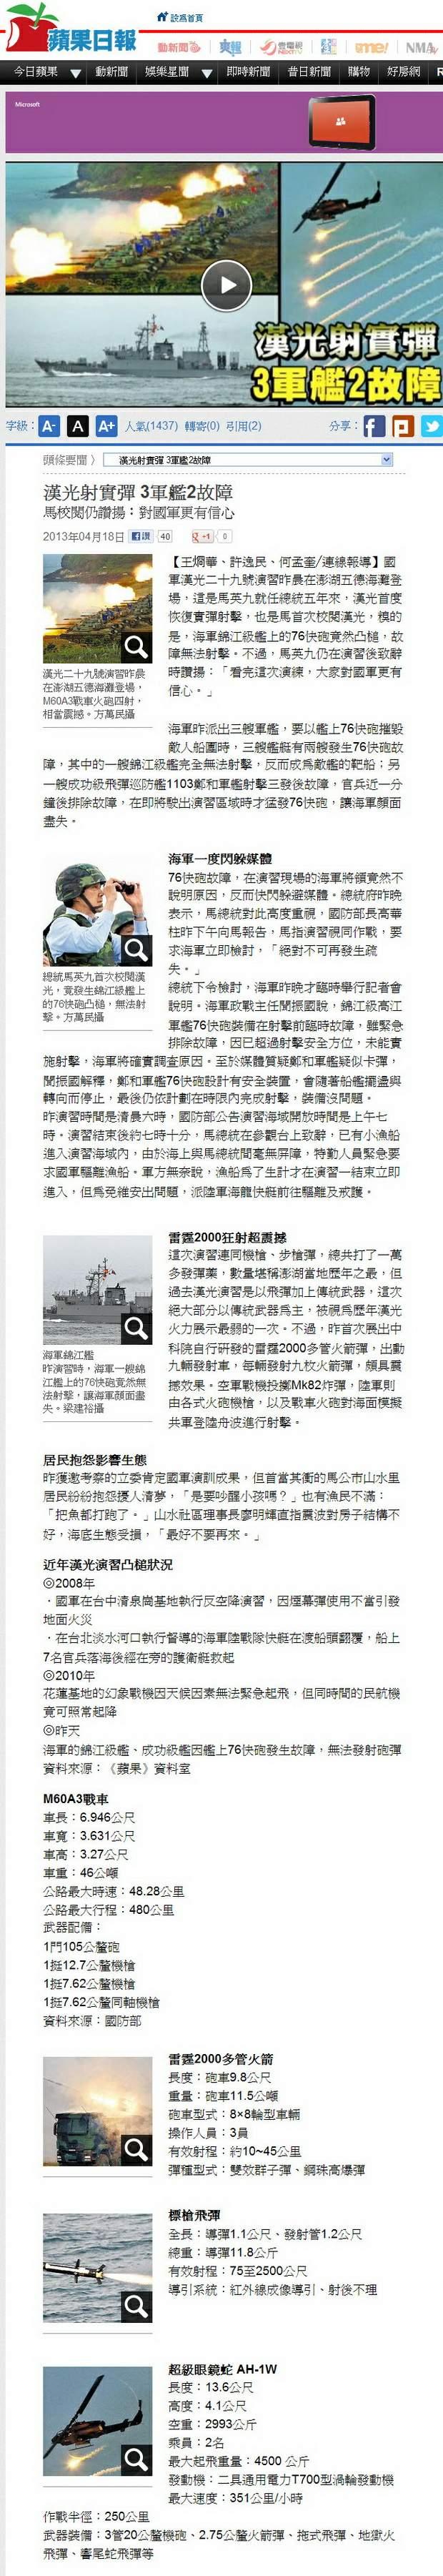 漢光射實彈 3軍艦2故障-2013.04.18